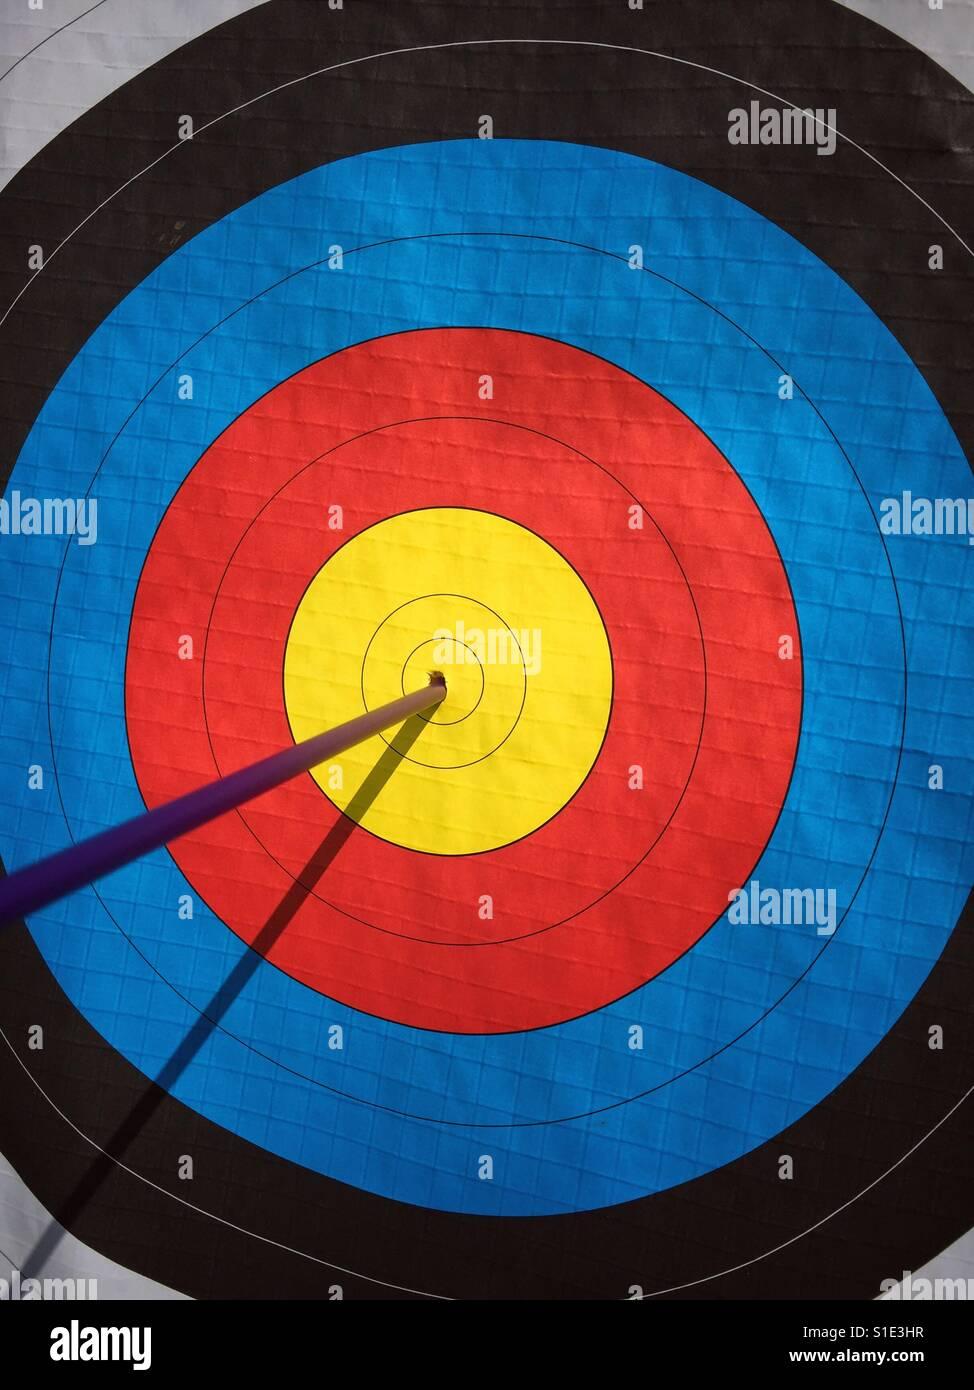 BULLSEYE! Ein einzelner Pfeil trifft der Totpunkt der eine Zielscheibe. Ein Konzept-Bild um Perfektion zu veranschaulichen. Stockbild